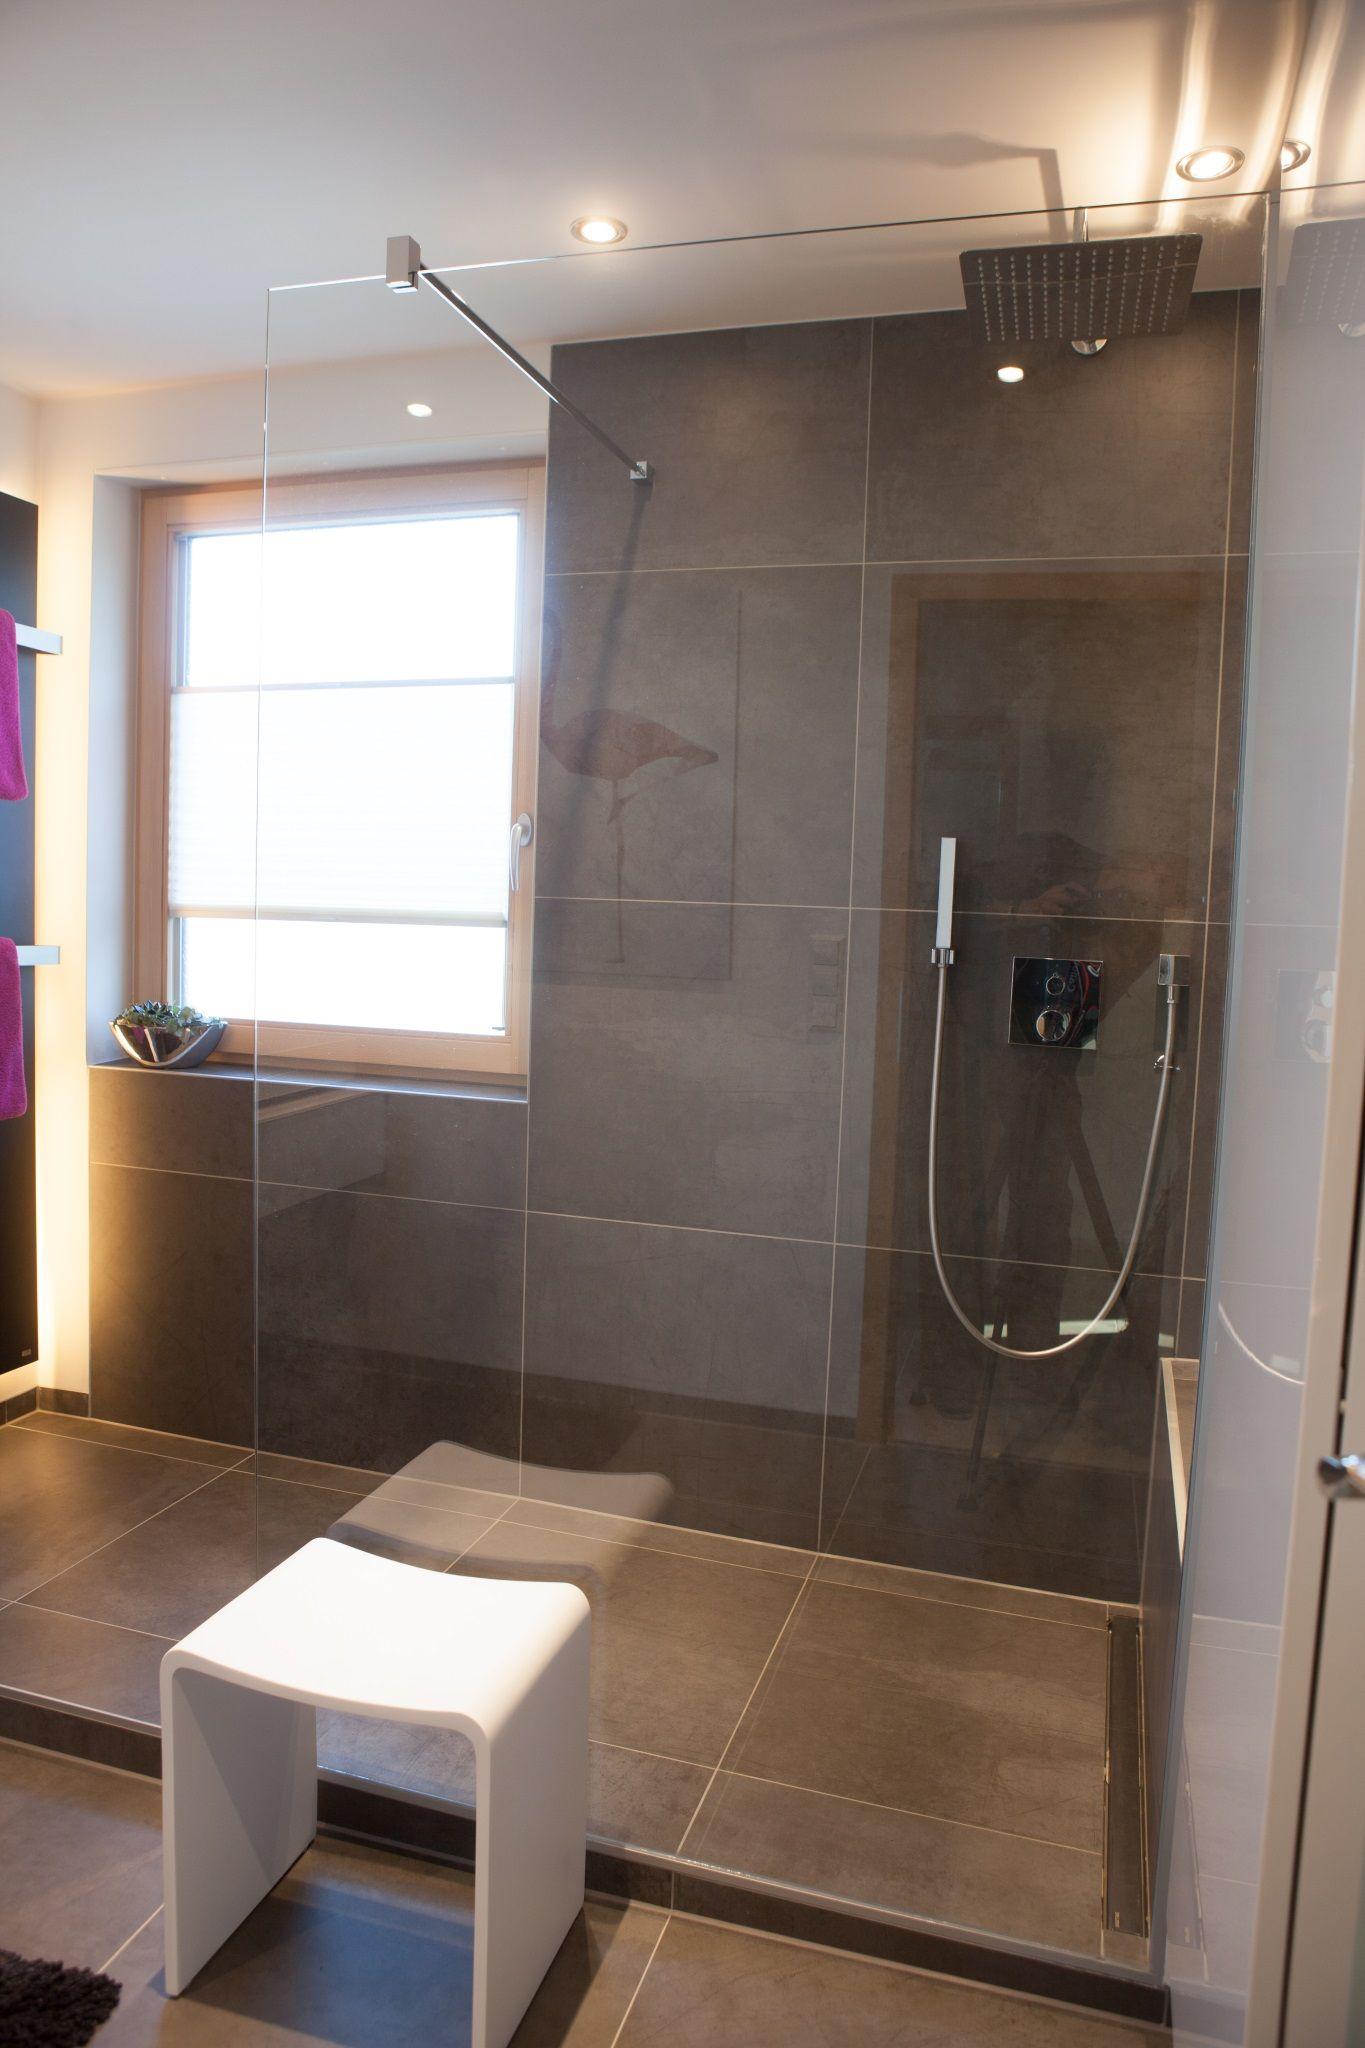 Full Size of Bodengleiche Dusche Nachträglich Einbauen Moderne Duschen Begehbare Nischentür Bodengleich Fliesen Glaswand Bidet Raindance Thermostat Komplett Set Dusche Walkin Dusche